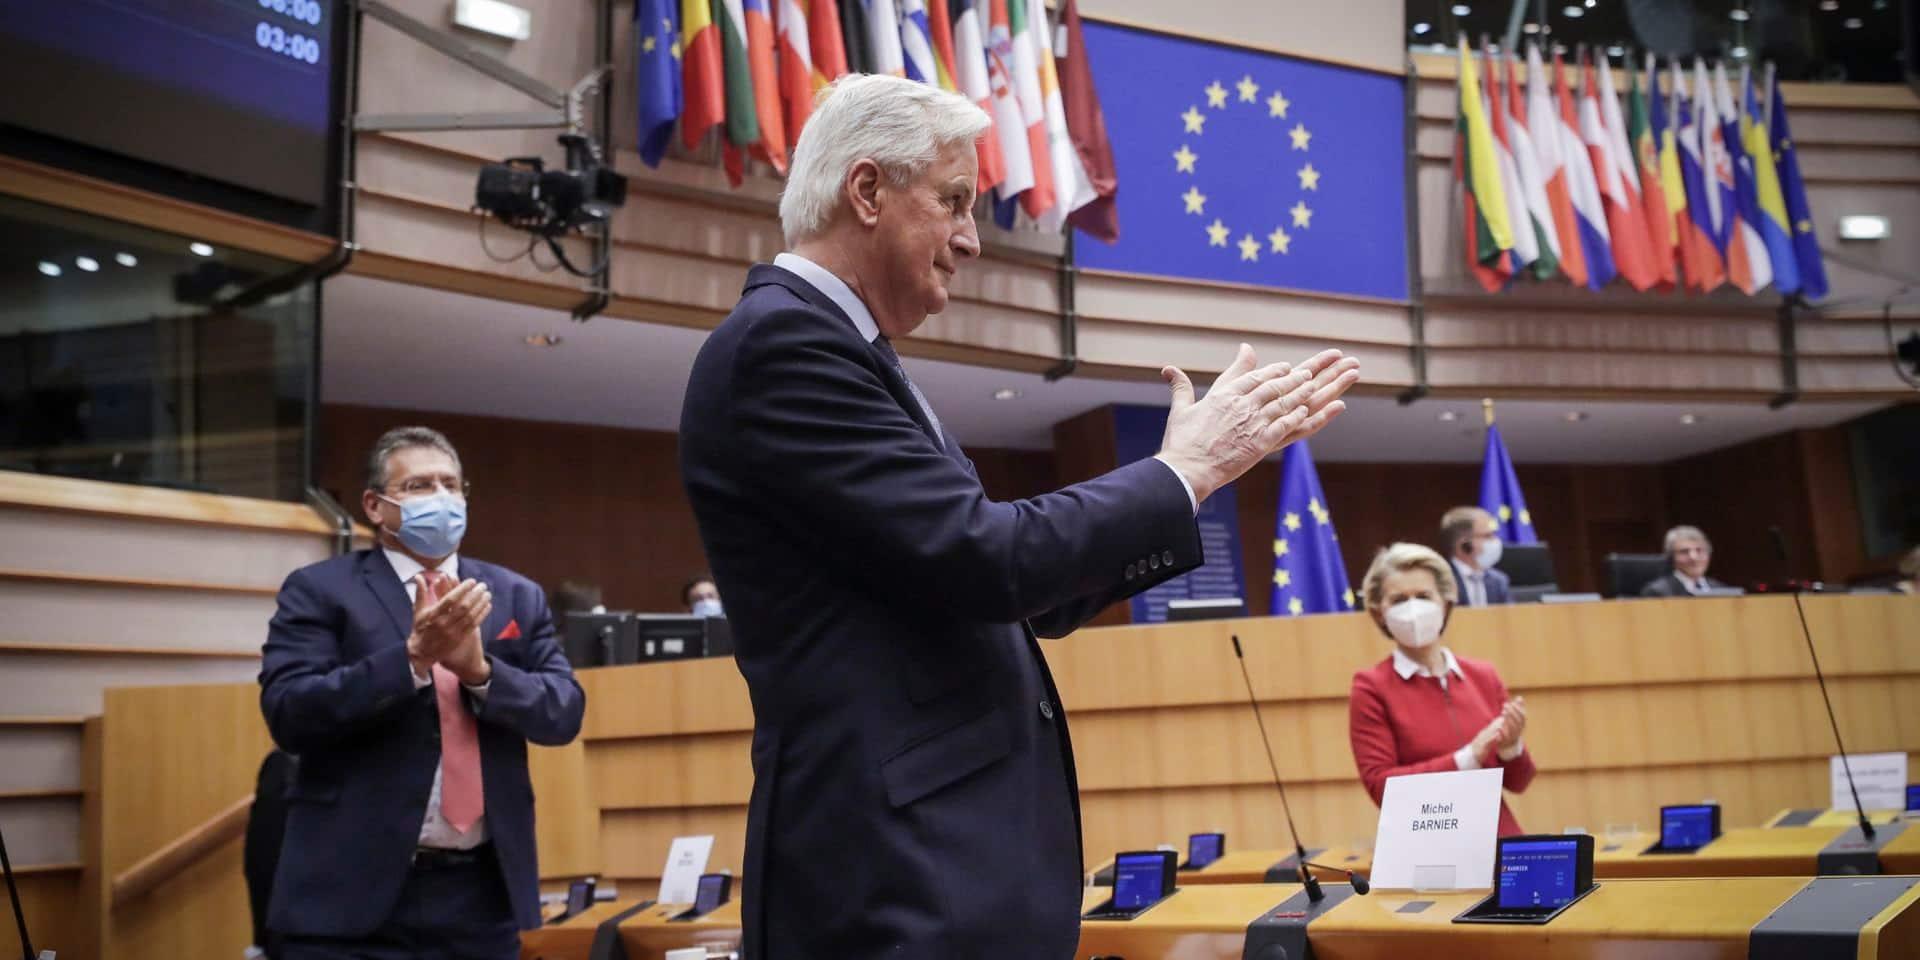 Malgré sa méfiance, le Parlement européen valide l'accord post-Brexit